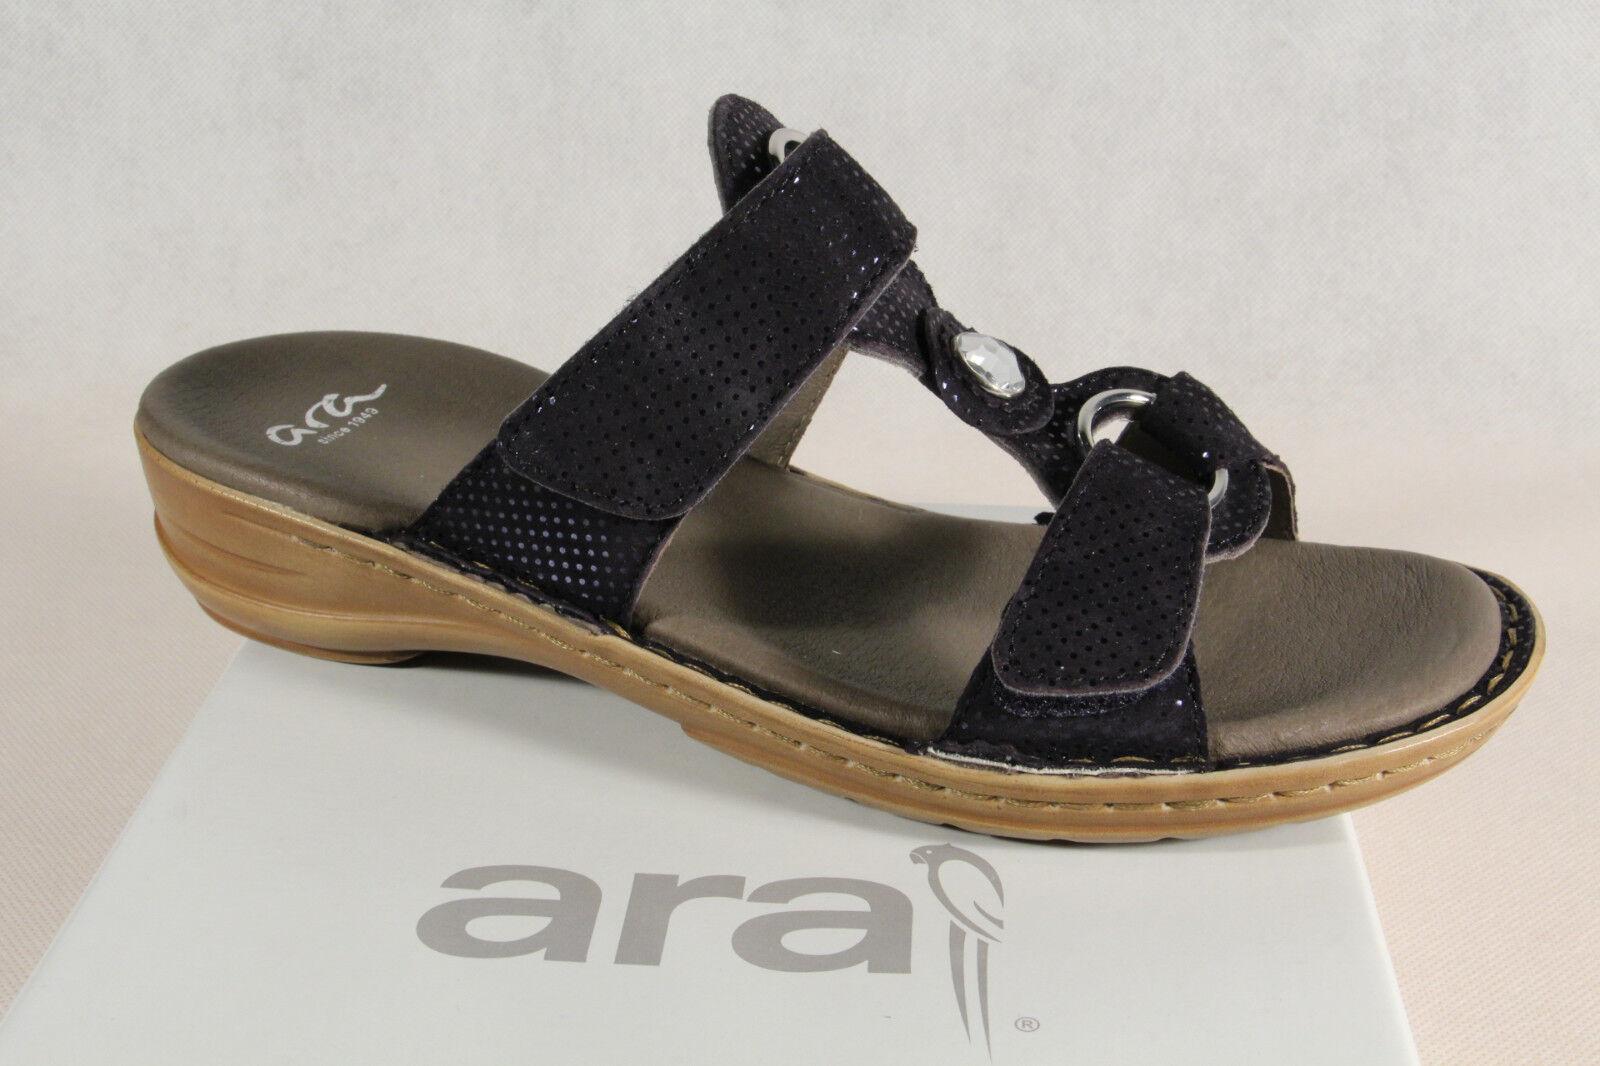 Ara Ladies Slippers Sandals Sneakers Sneakers Sneakers bluee 27273 New 986e5d